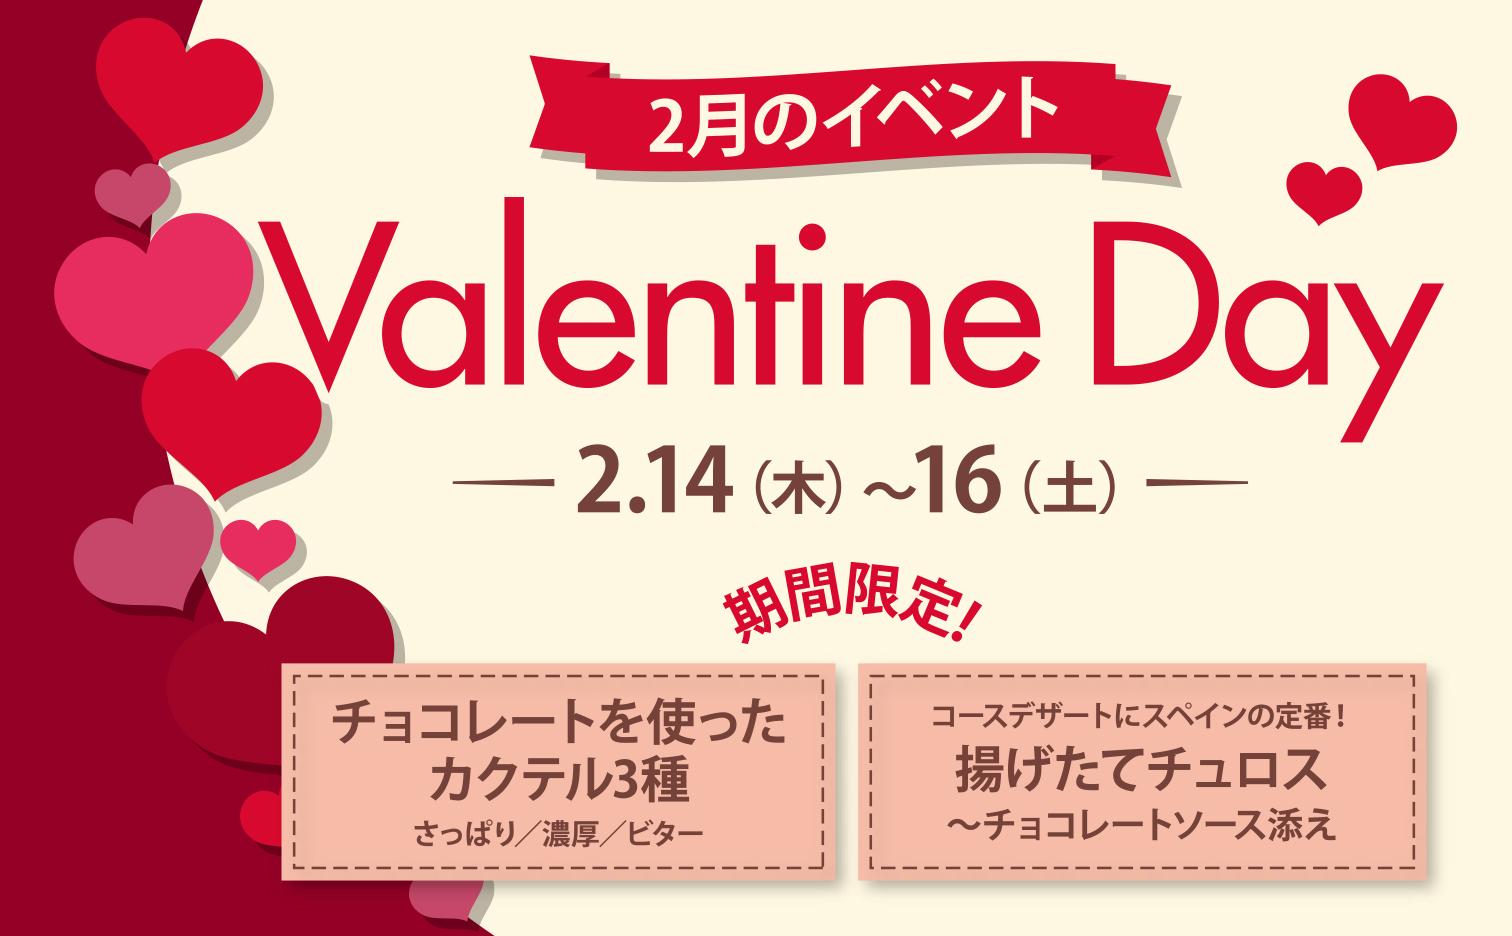 【予告】バレンタインデー企画